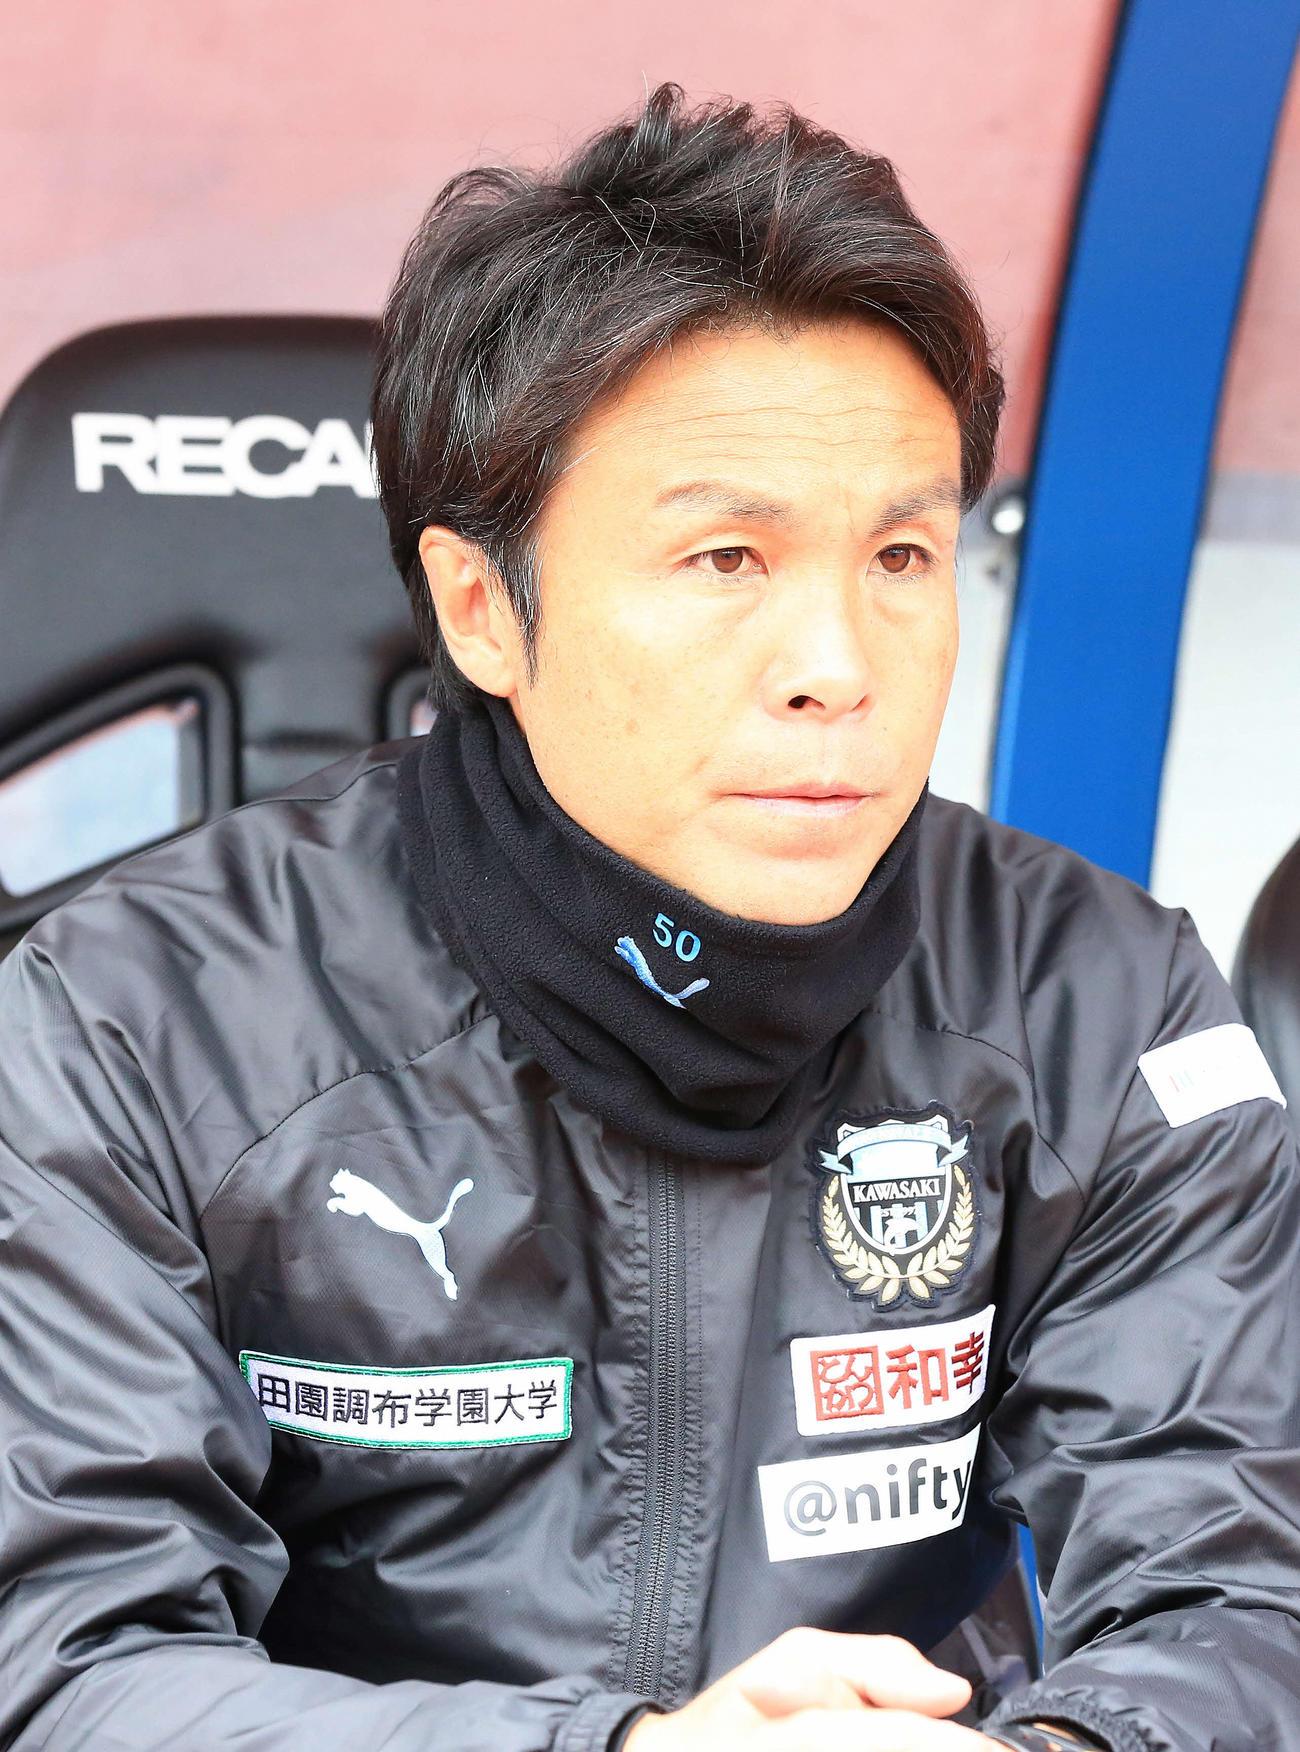 J2町田のコーチに元日本代表の米山篤志氏が就任 - J2 : 日刊スポーツ